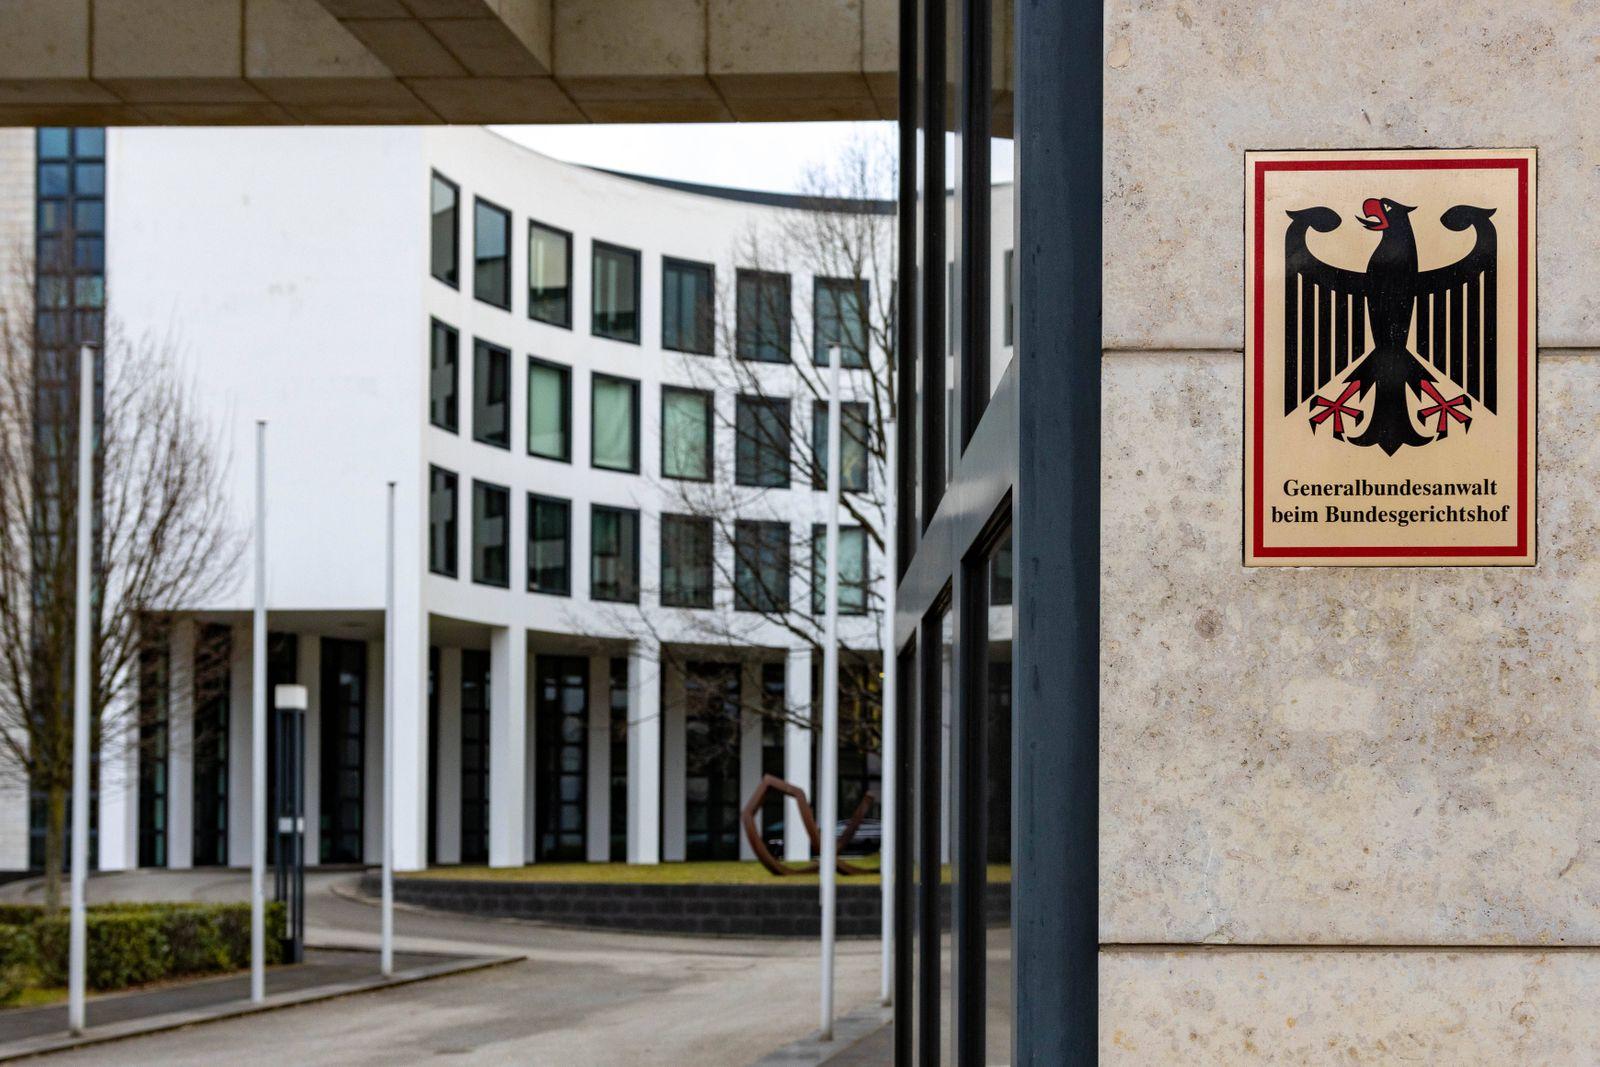 Generalbundesanwalt Generalbundesanwalt beim Bundesgerichtshof Karlsruhe *** Attorney General Attorney General at the Fe